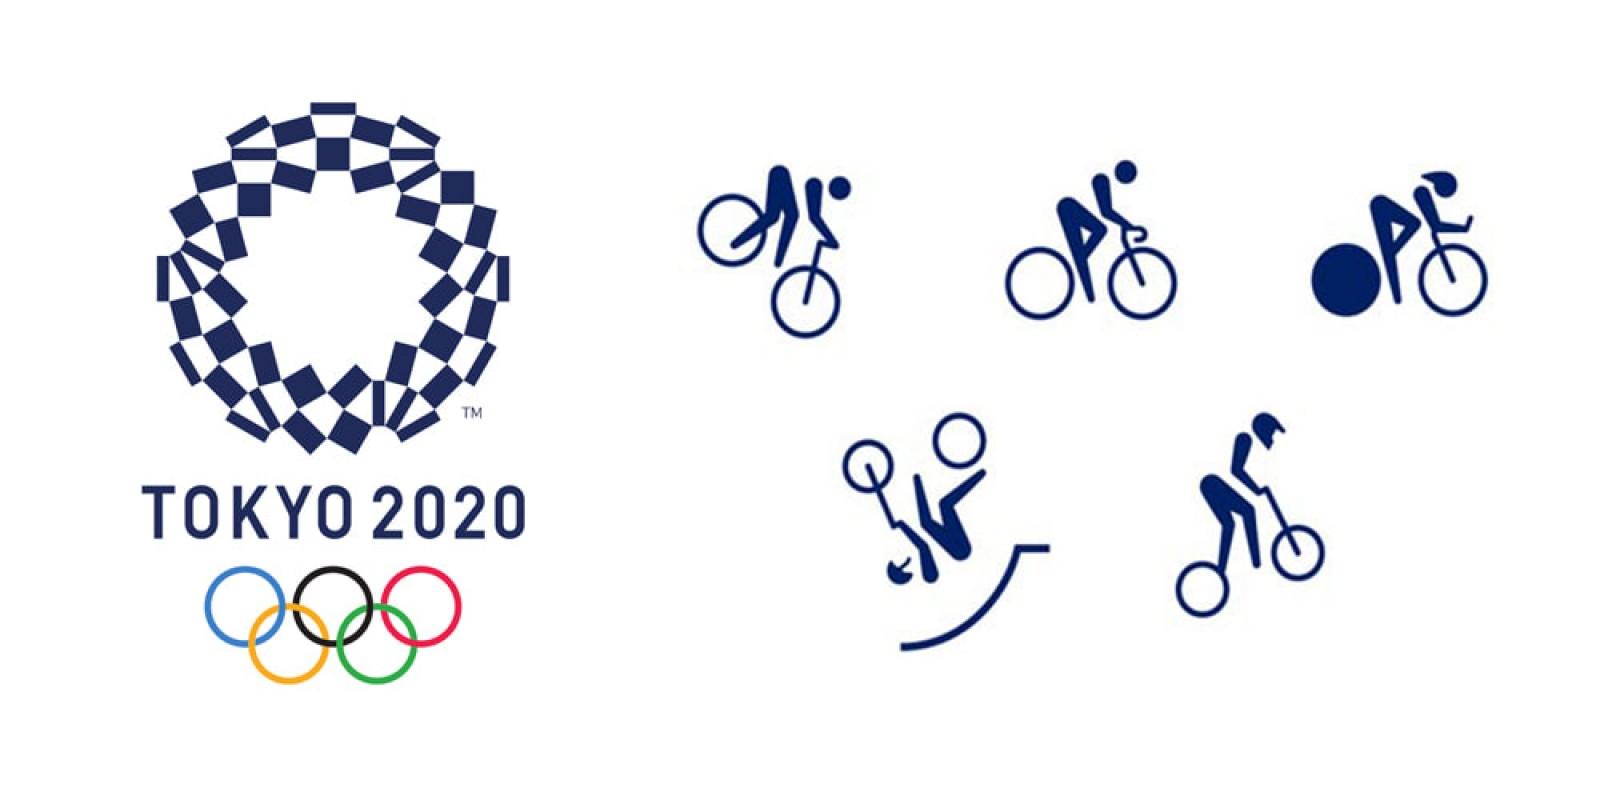 juegos-olimpicos-tokio-2021/